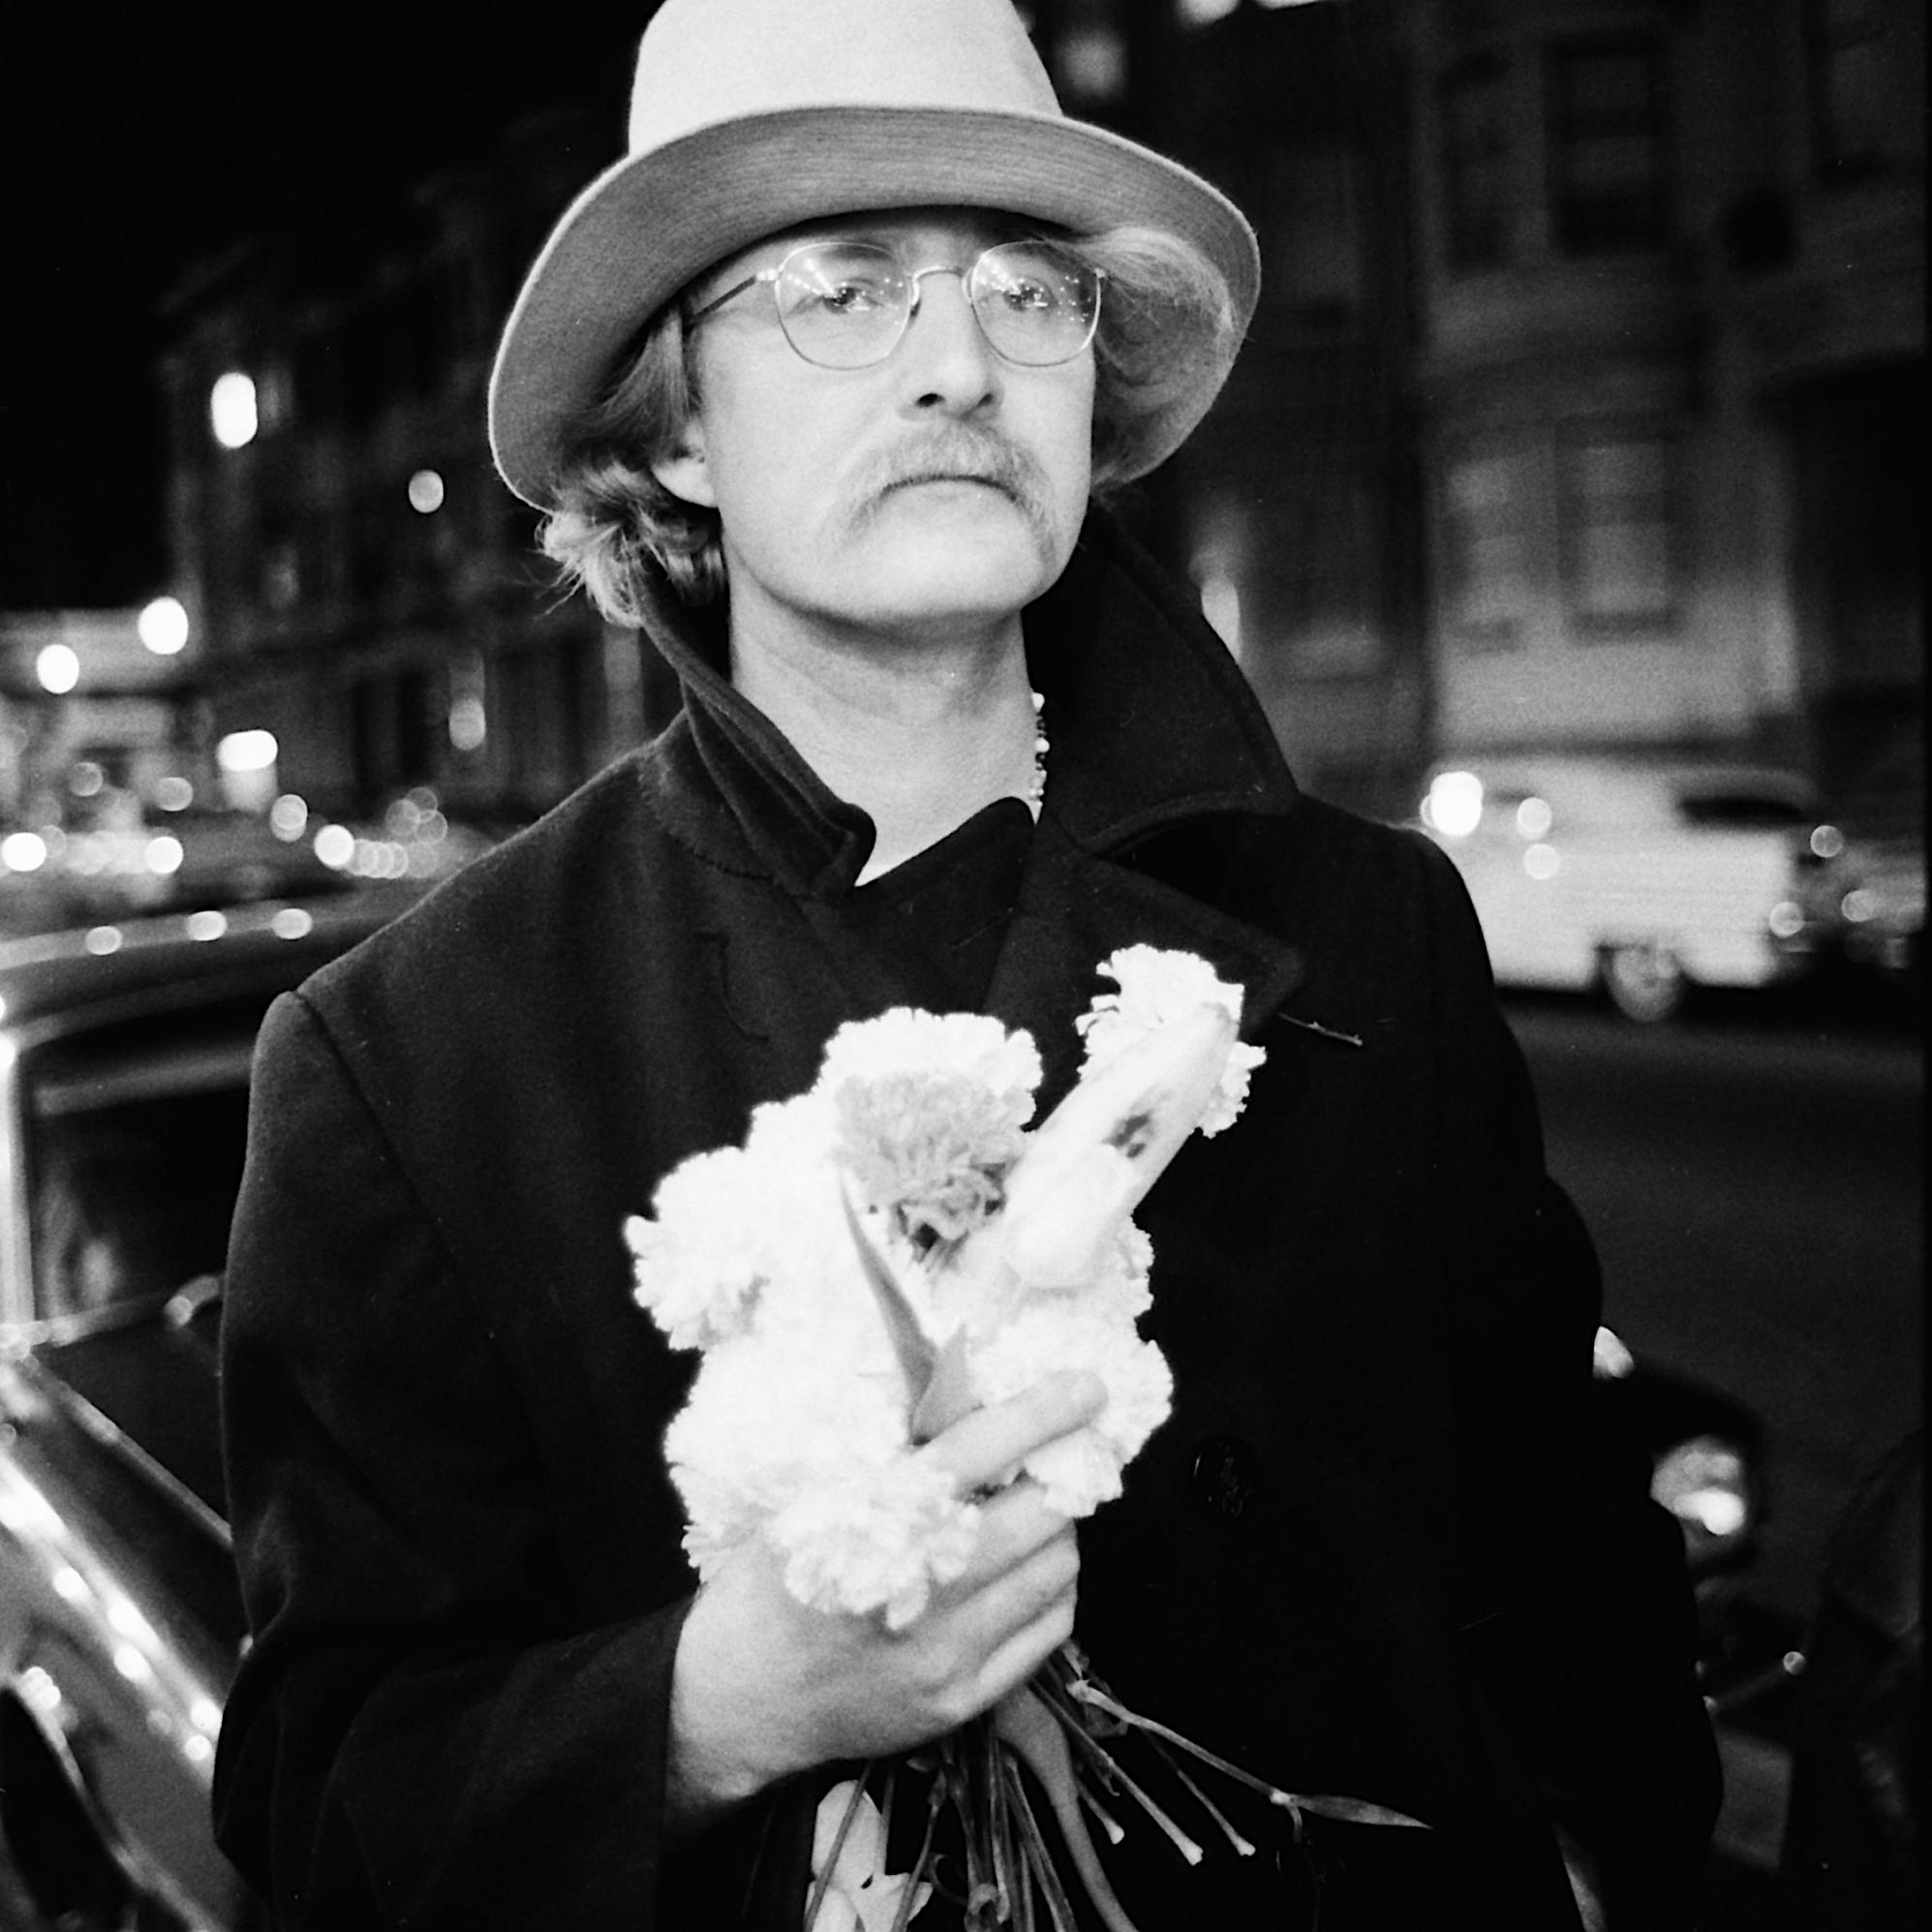 Richard Brautigan / Photo : Jim Marshall